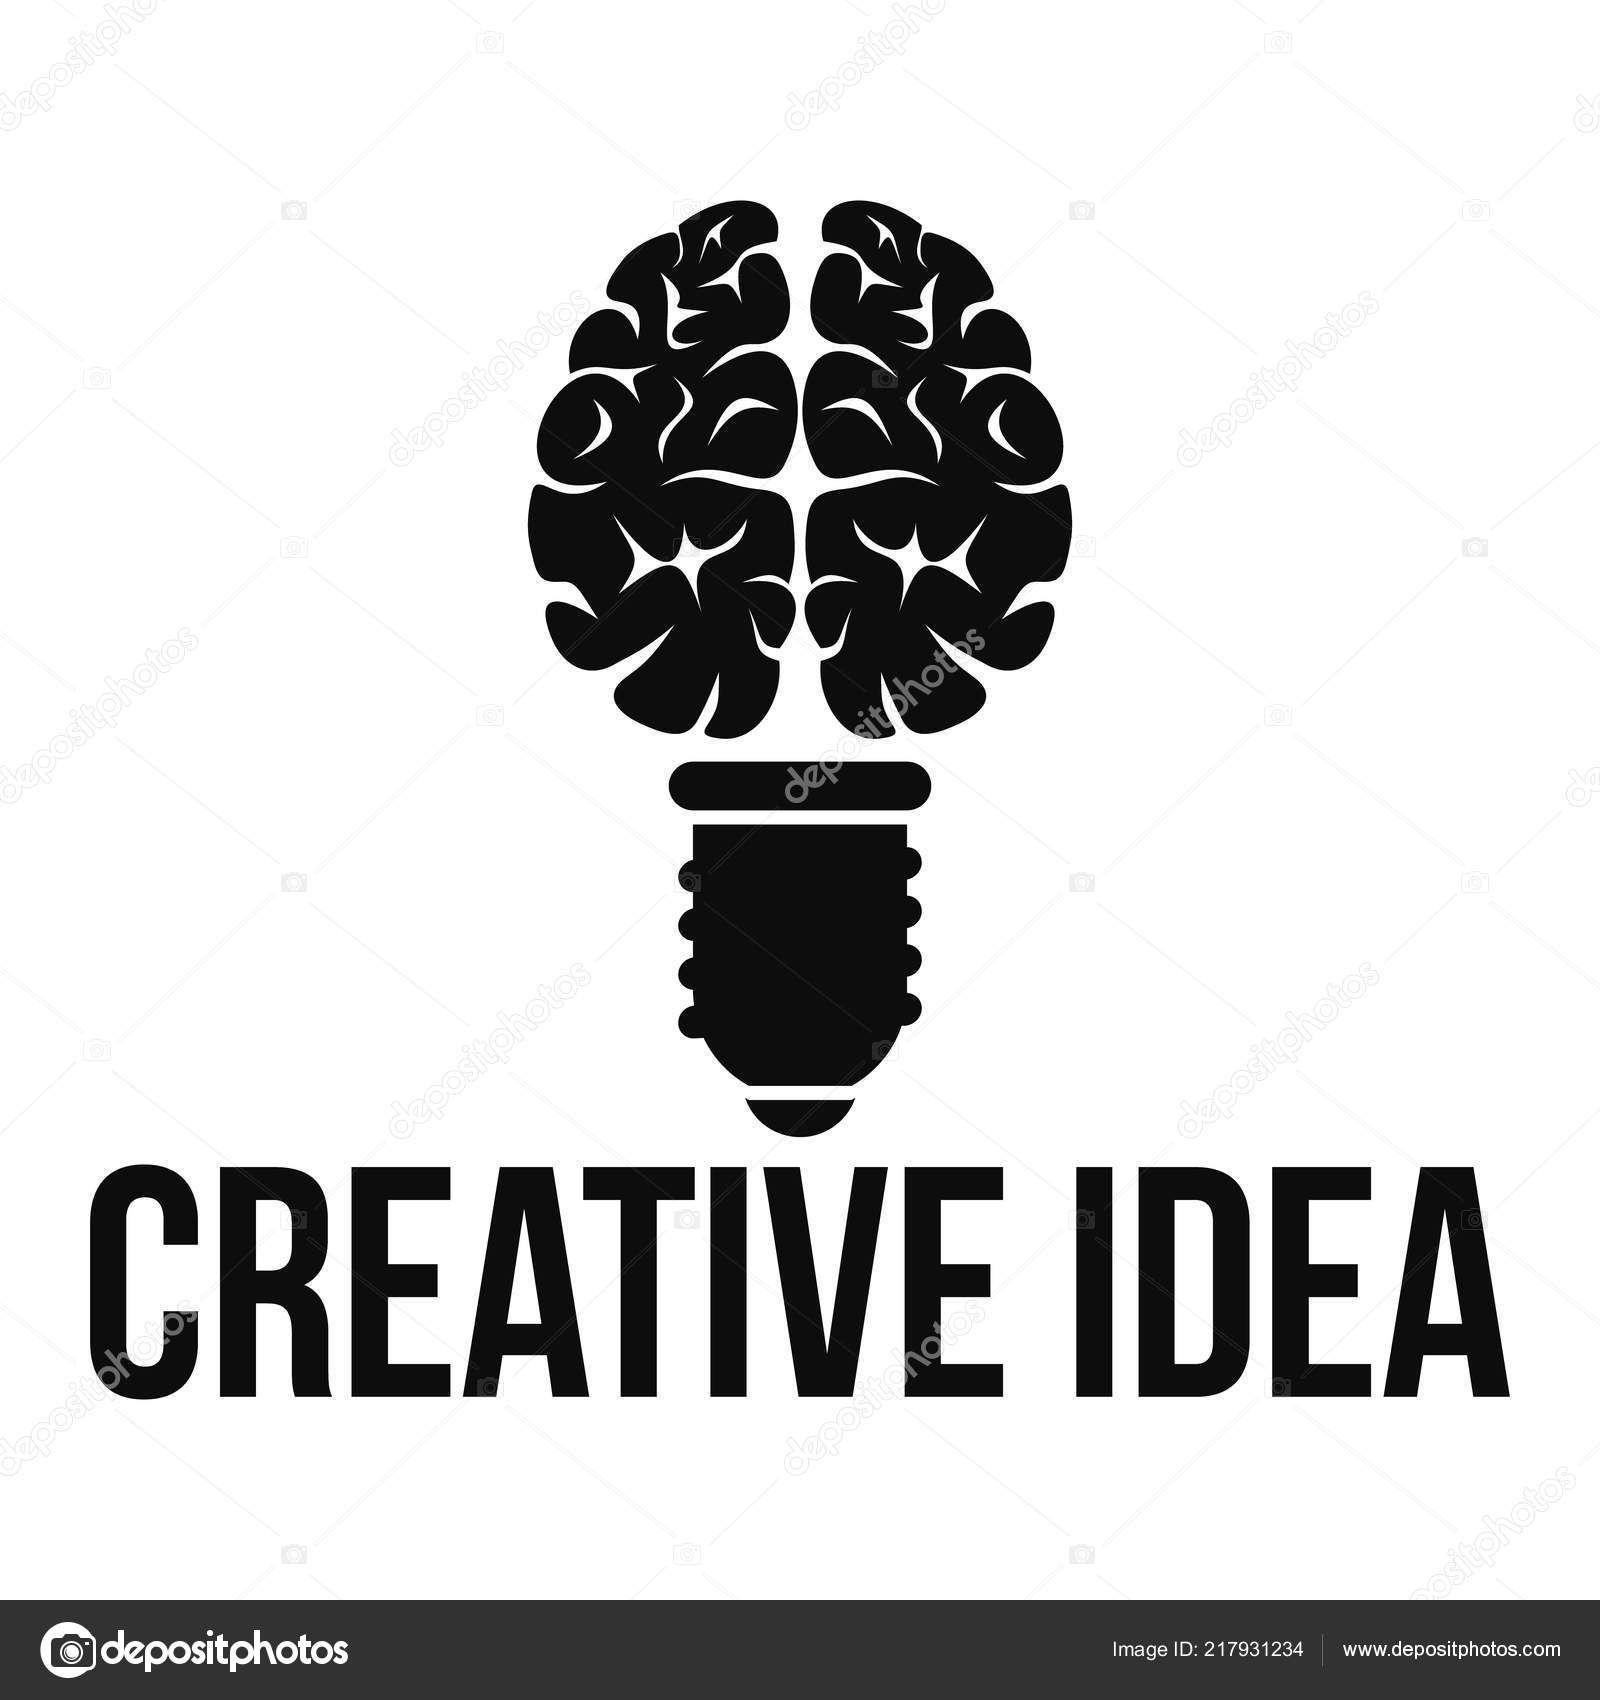 Descargar Logotipo de mental idea creativa, estilo